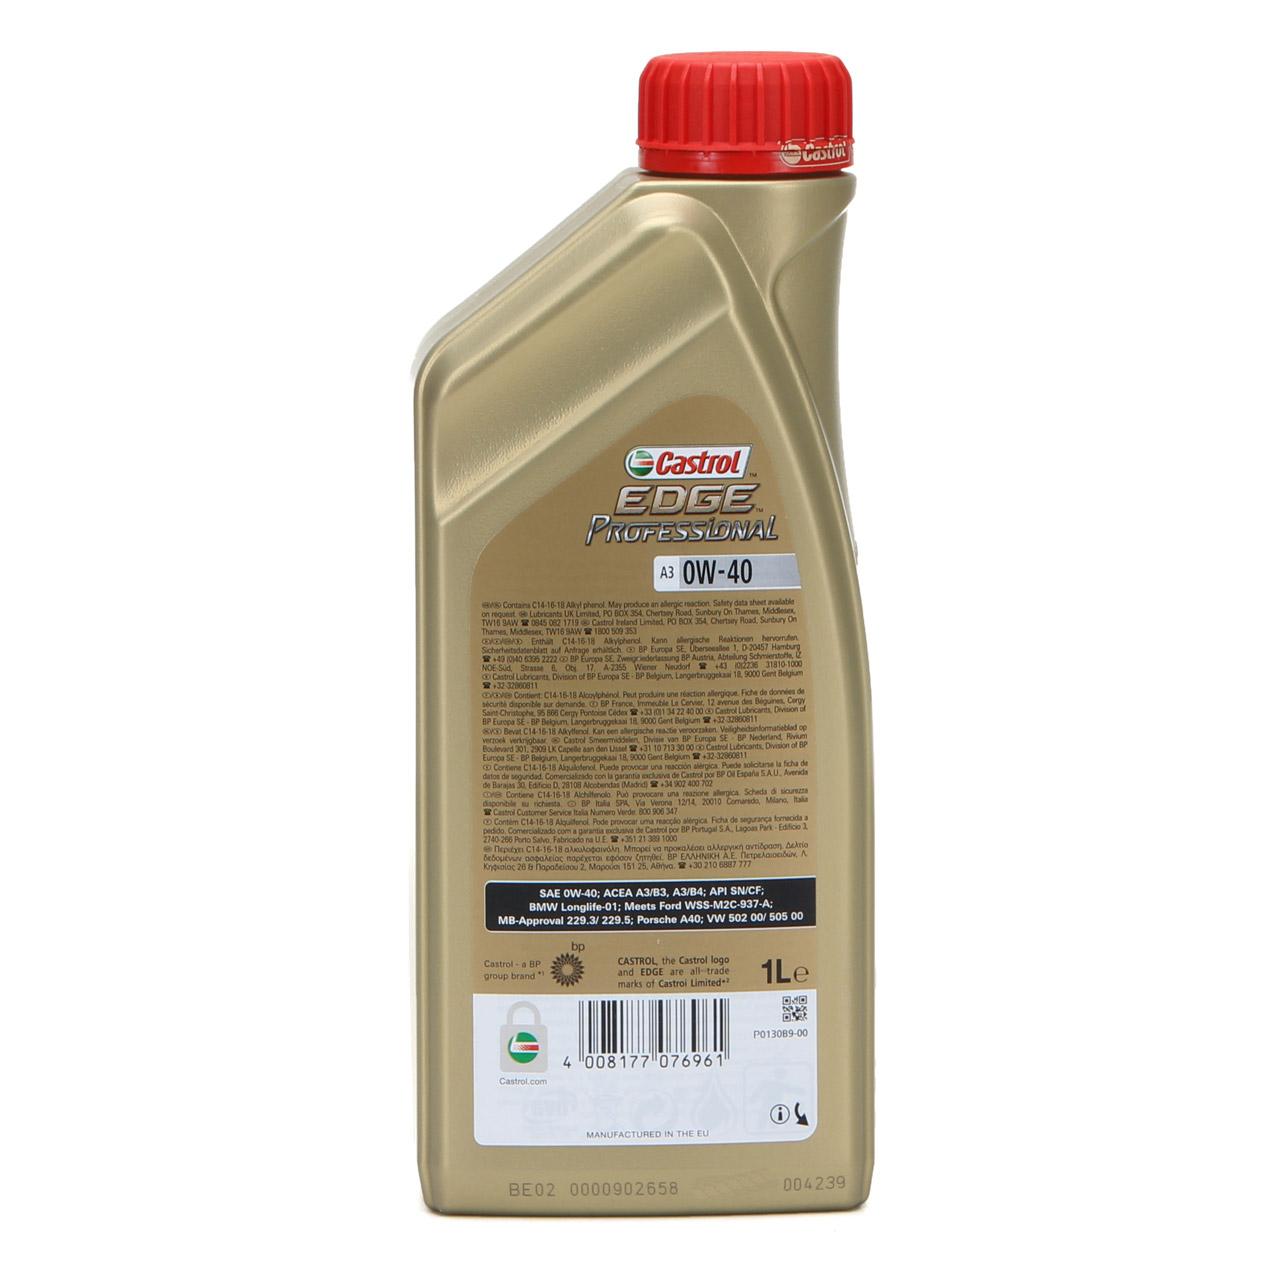 CASTROL EDGE Professional Motoröl Öl TITANIUM FST A3 0W40 BMW LL-01 - 1L 1 Liter